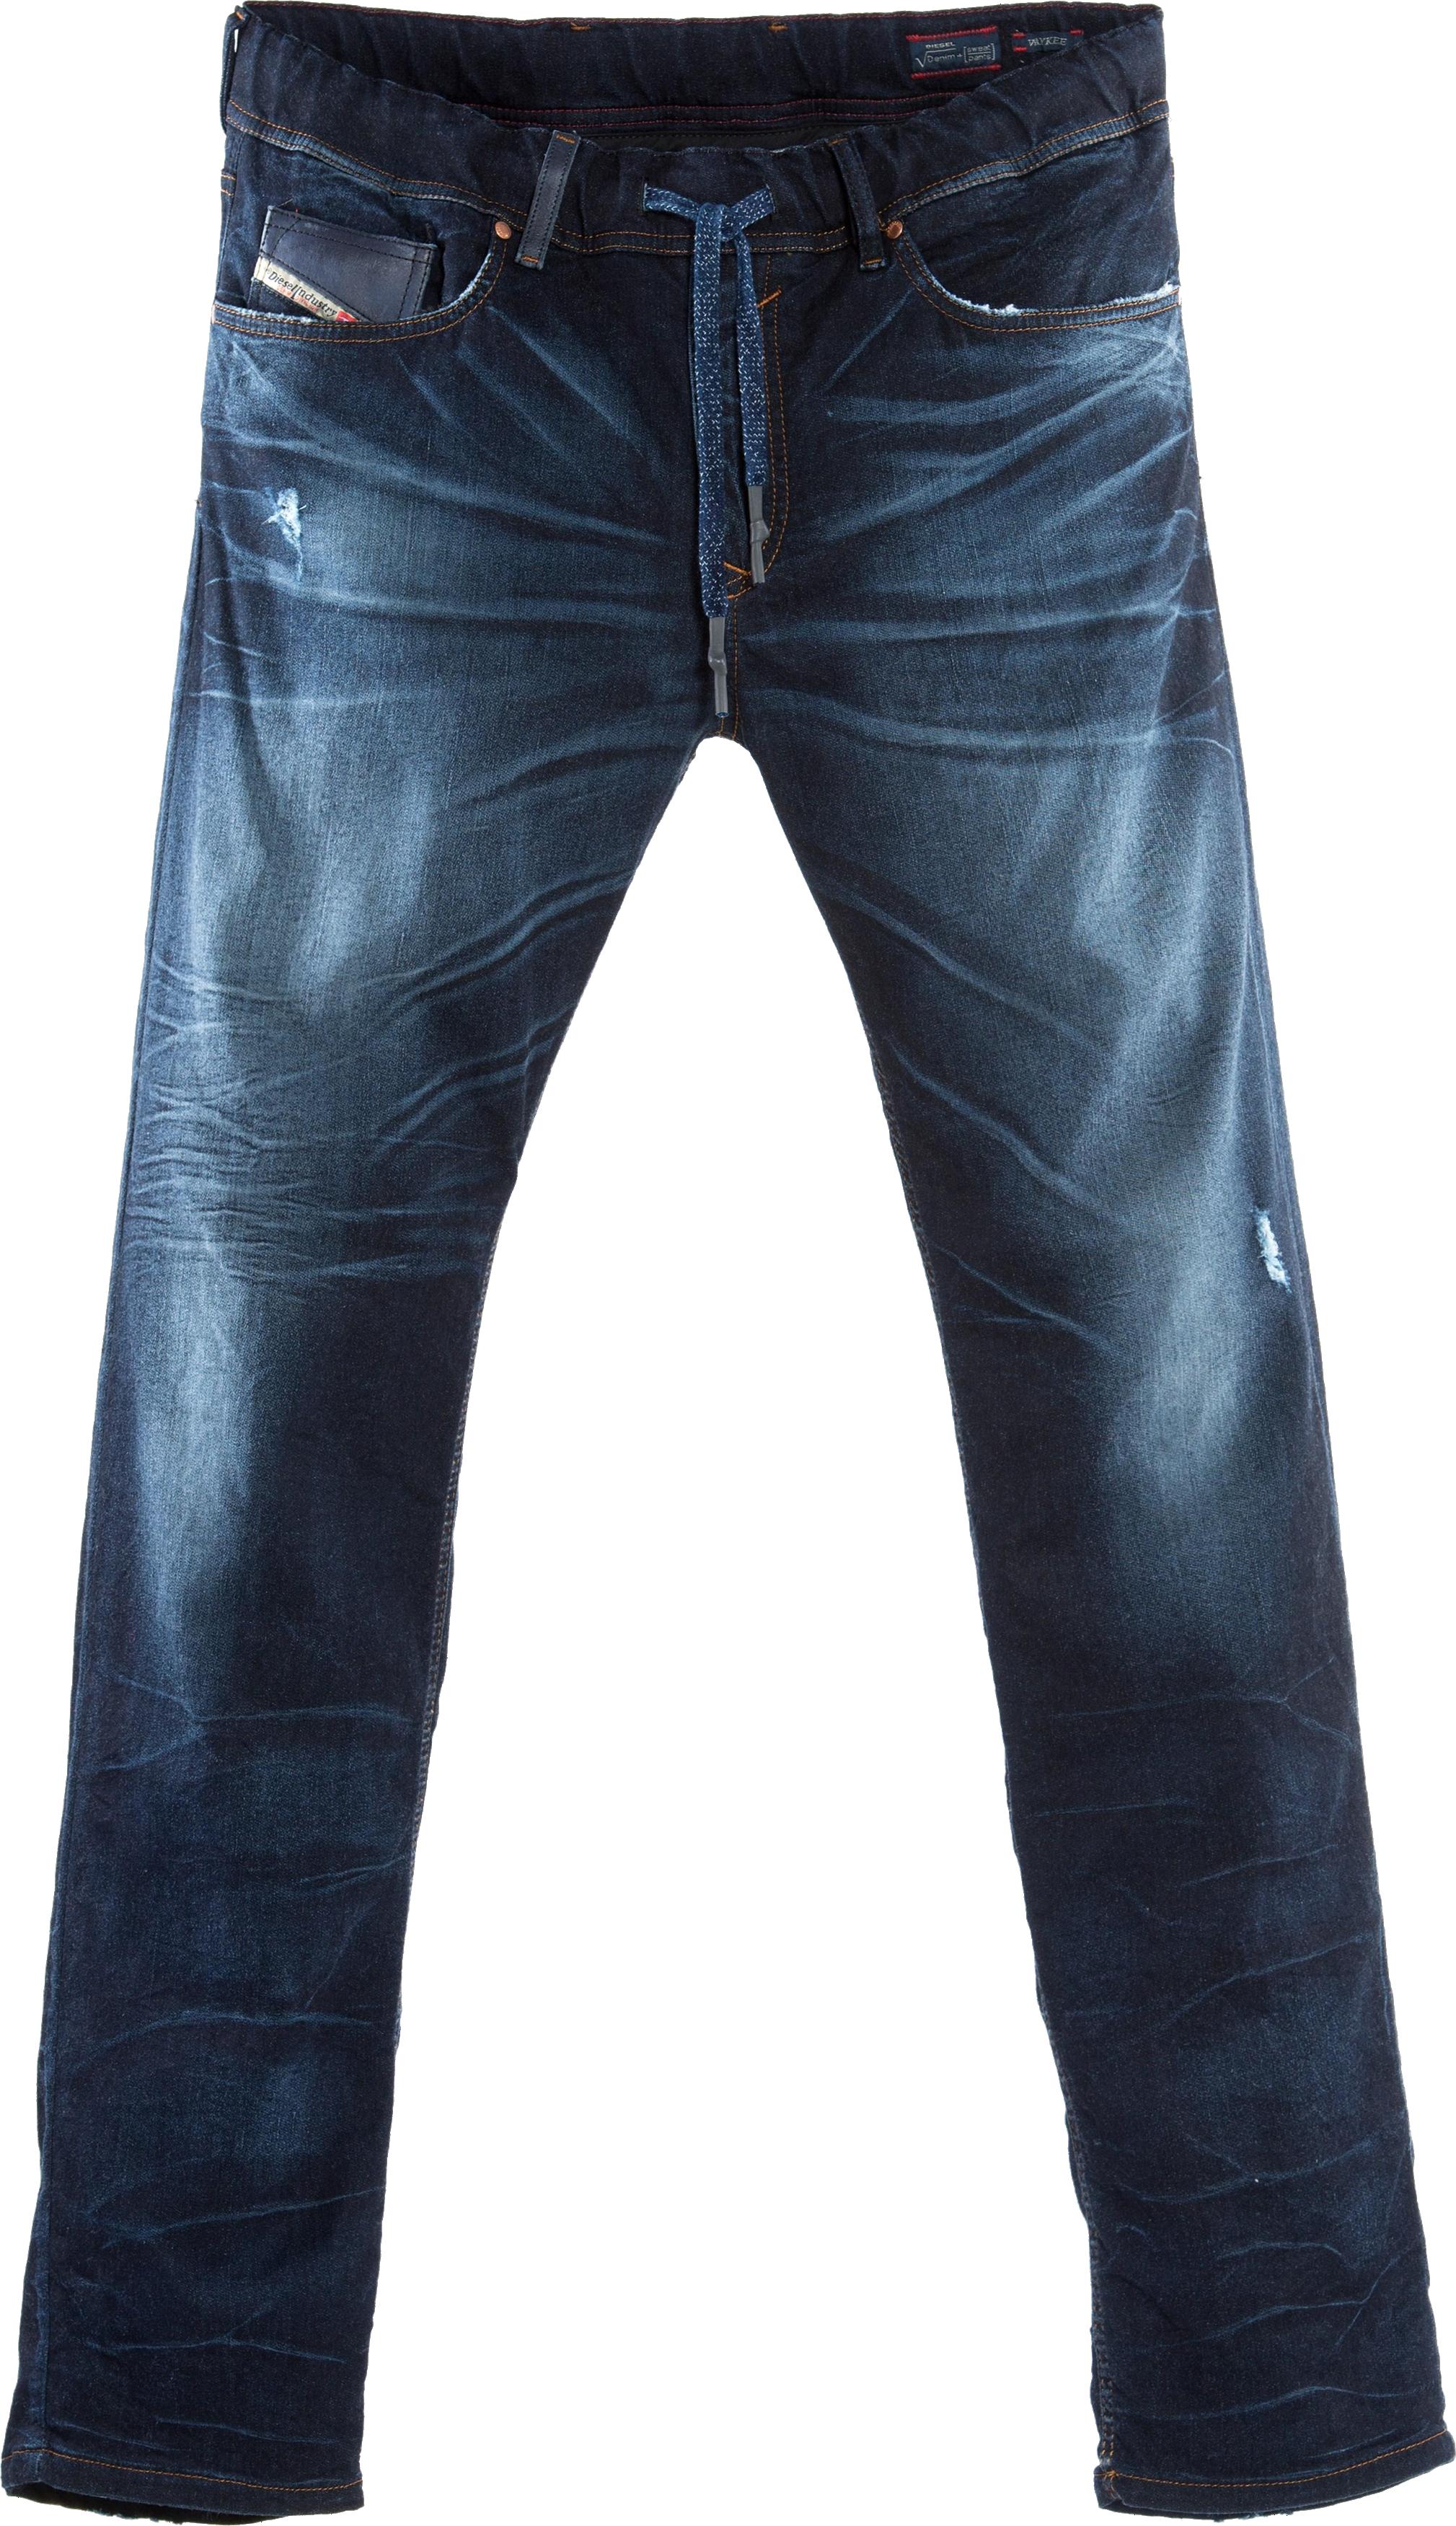 Pants Png : pants, Men's, Original, Jeans, Image, Jeans,, Garment